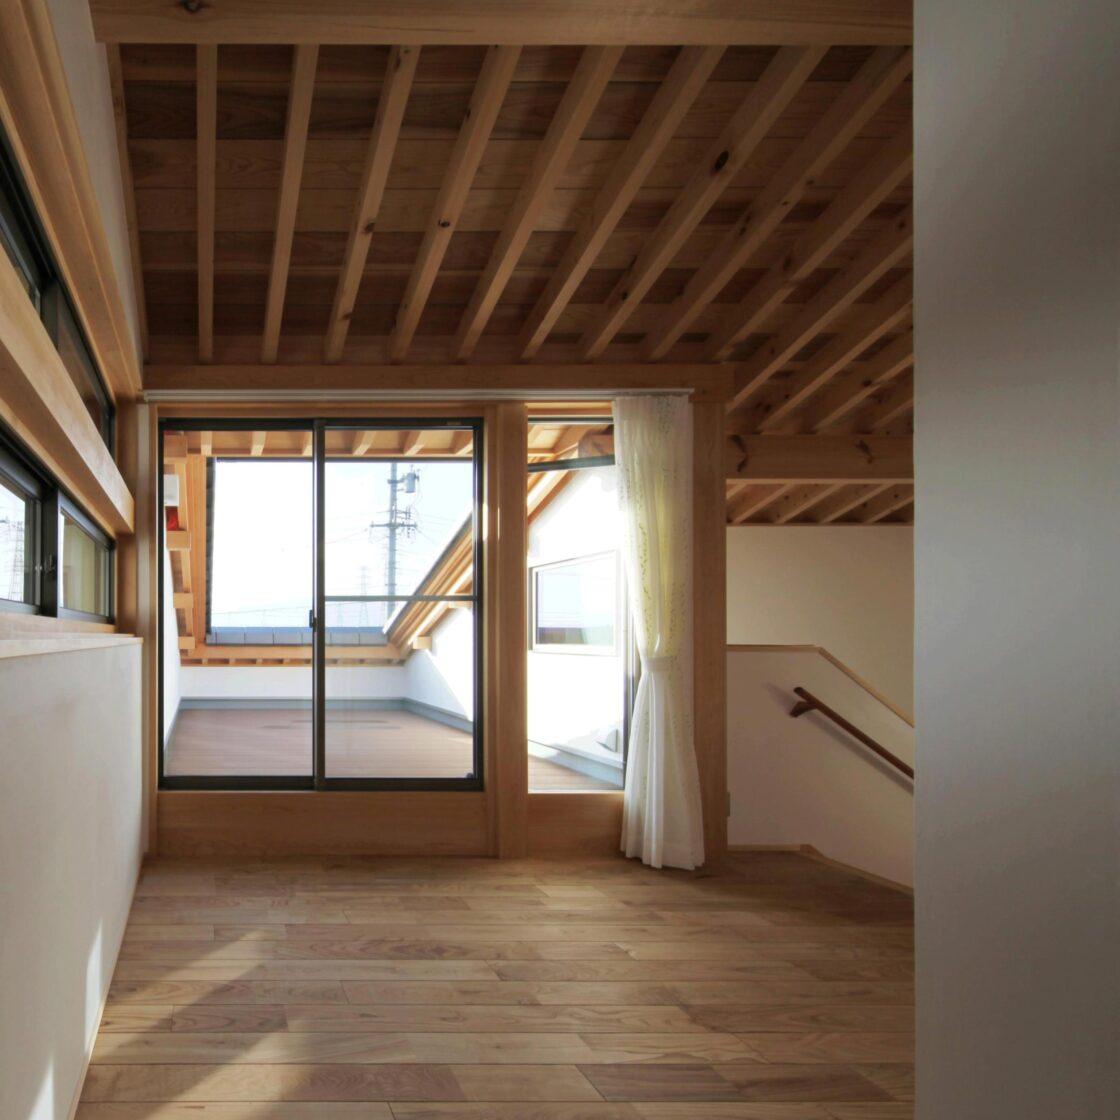 自然素材の木の家のテラス